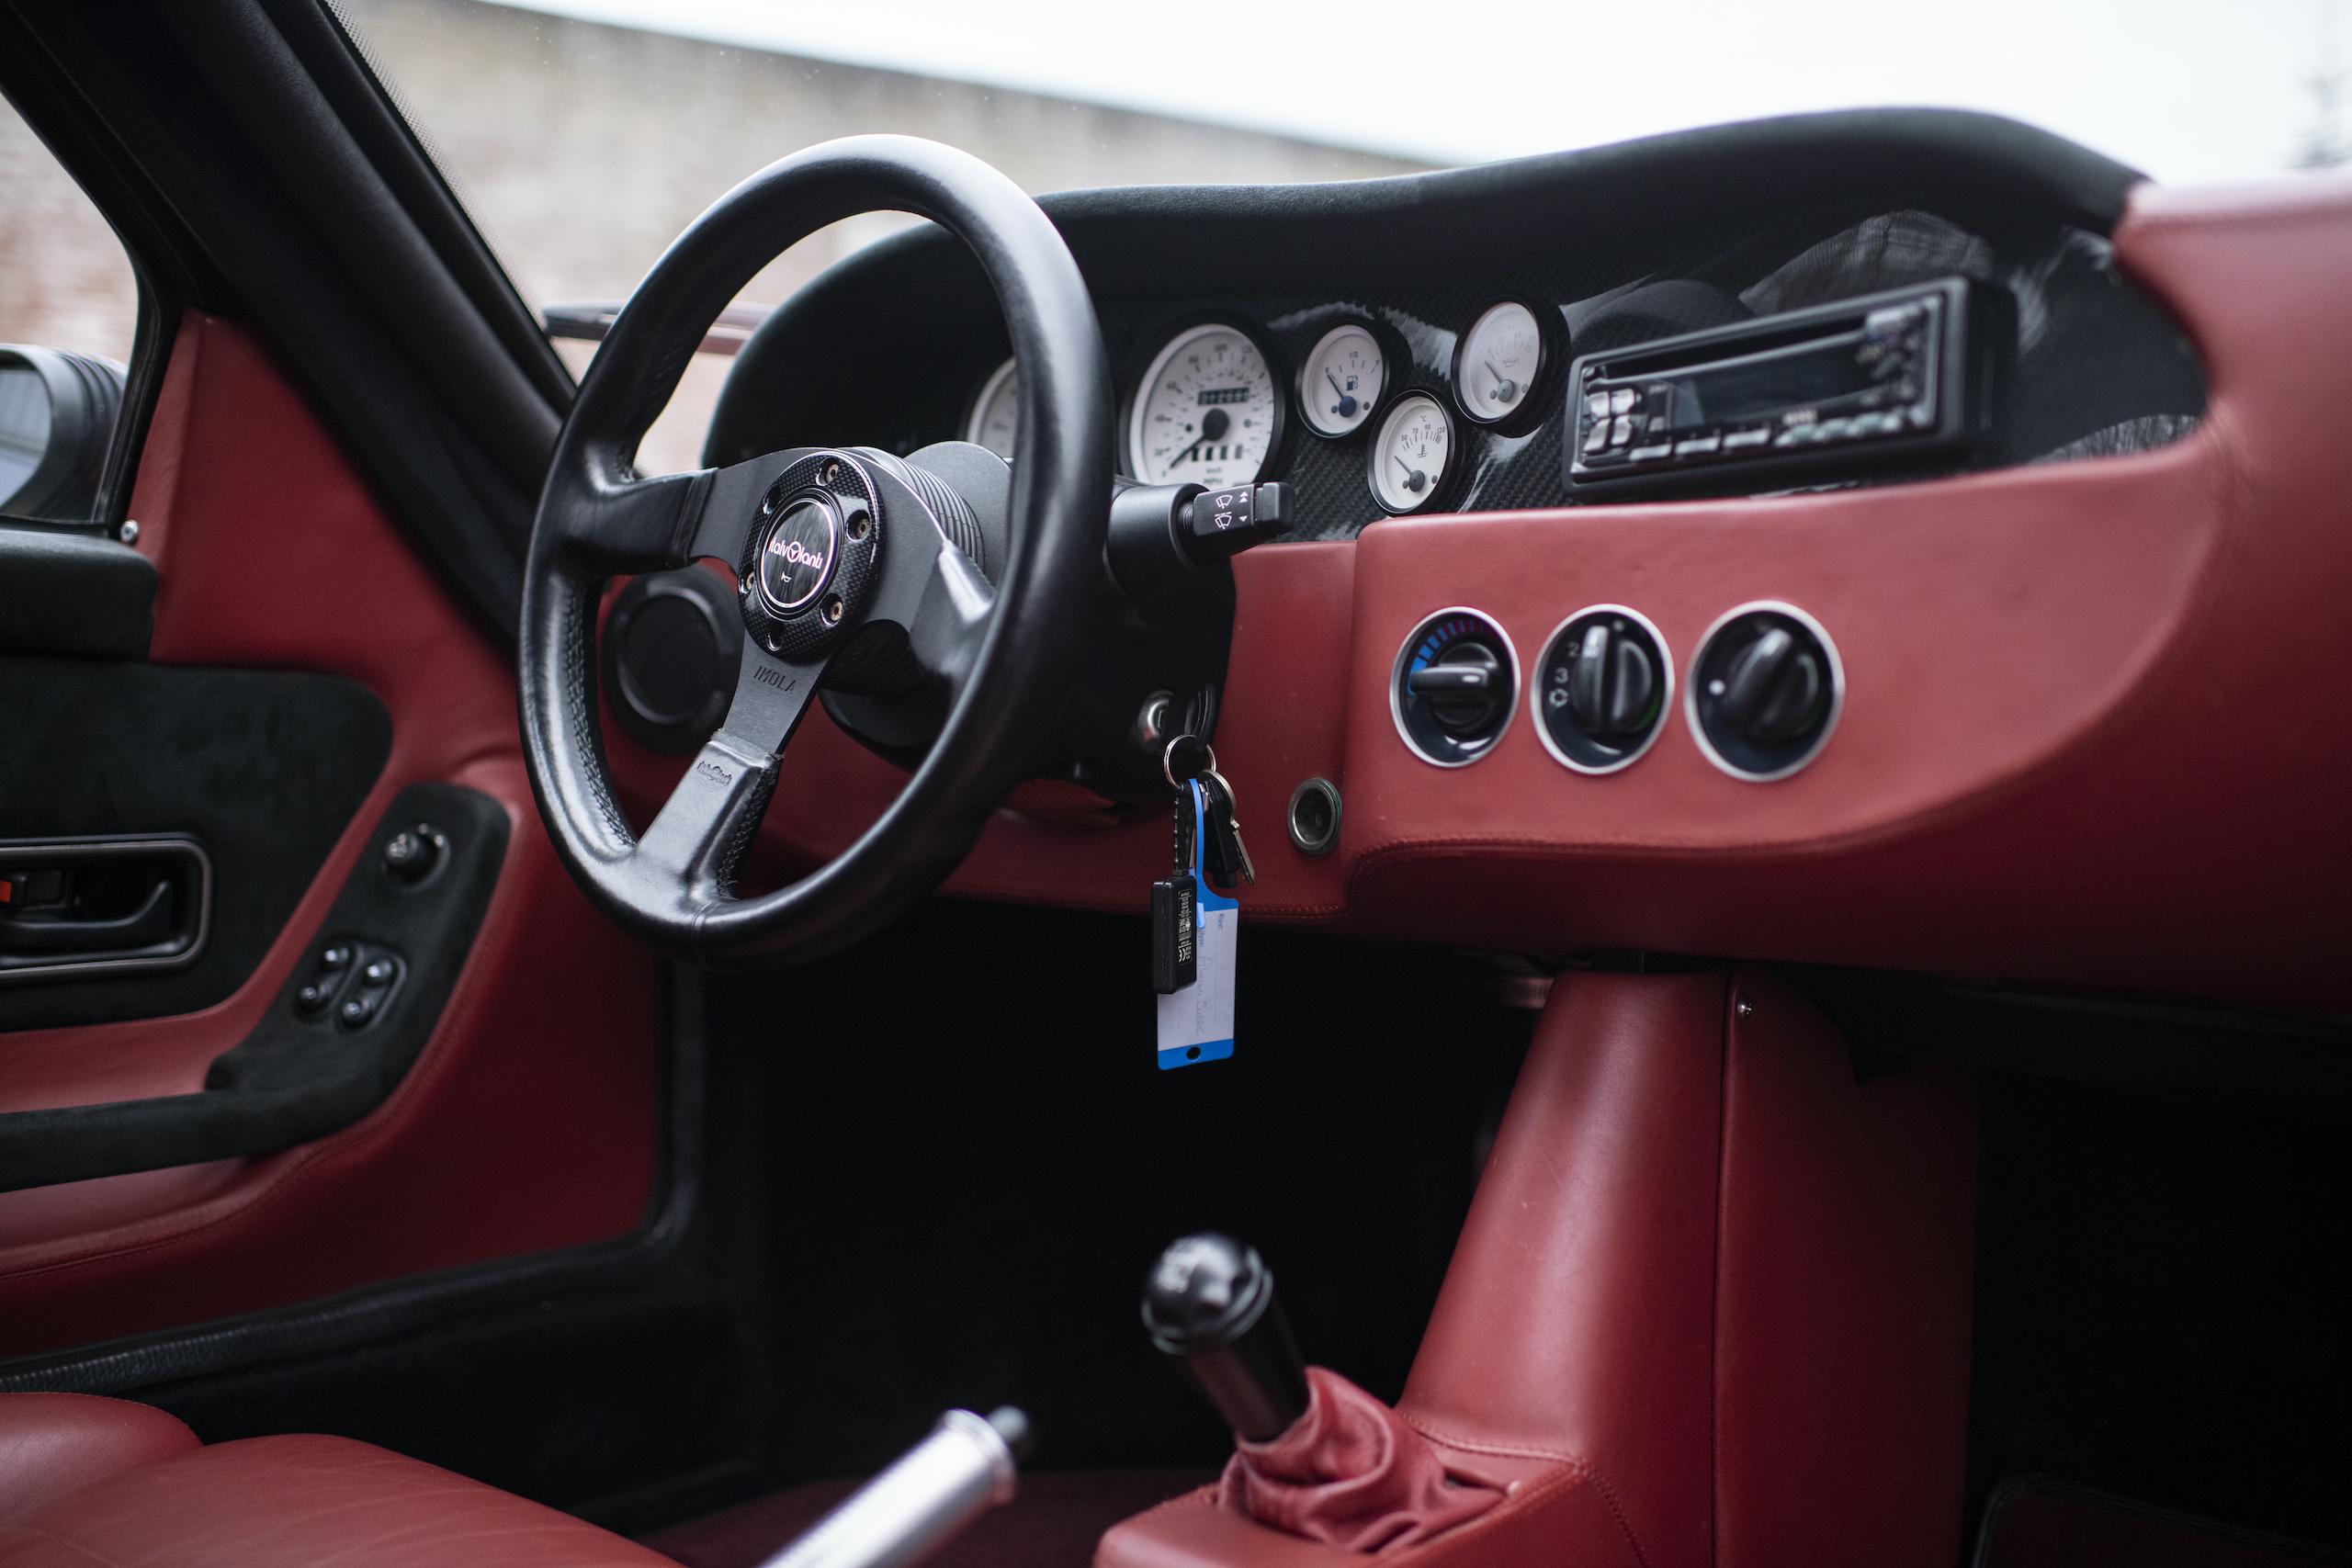 1997 Ascari Ecosse interior front dash